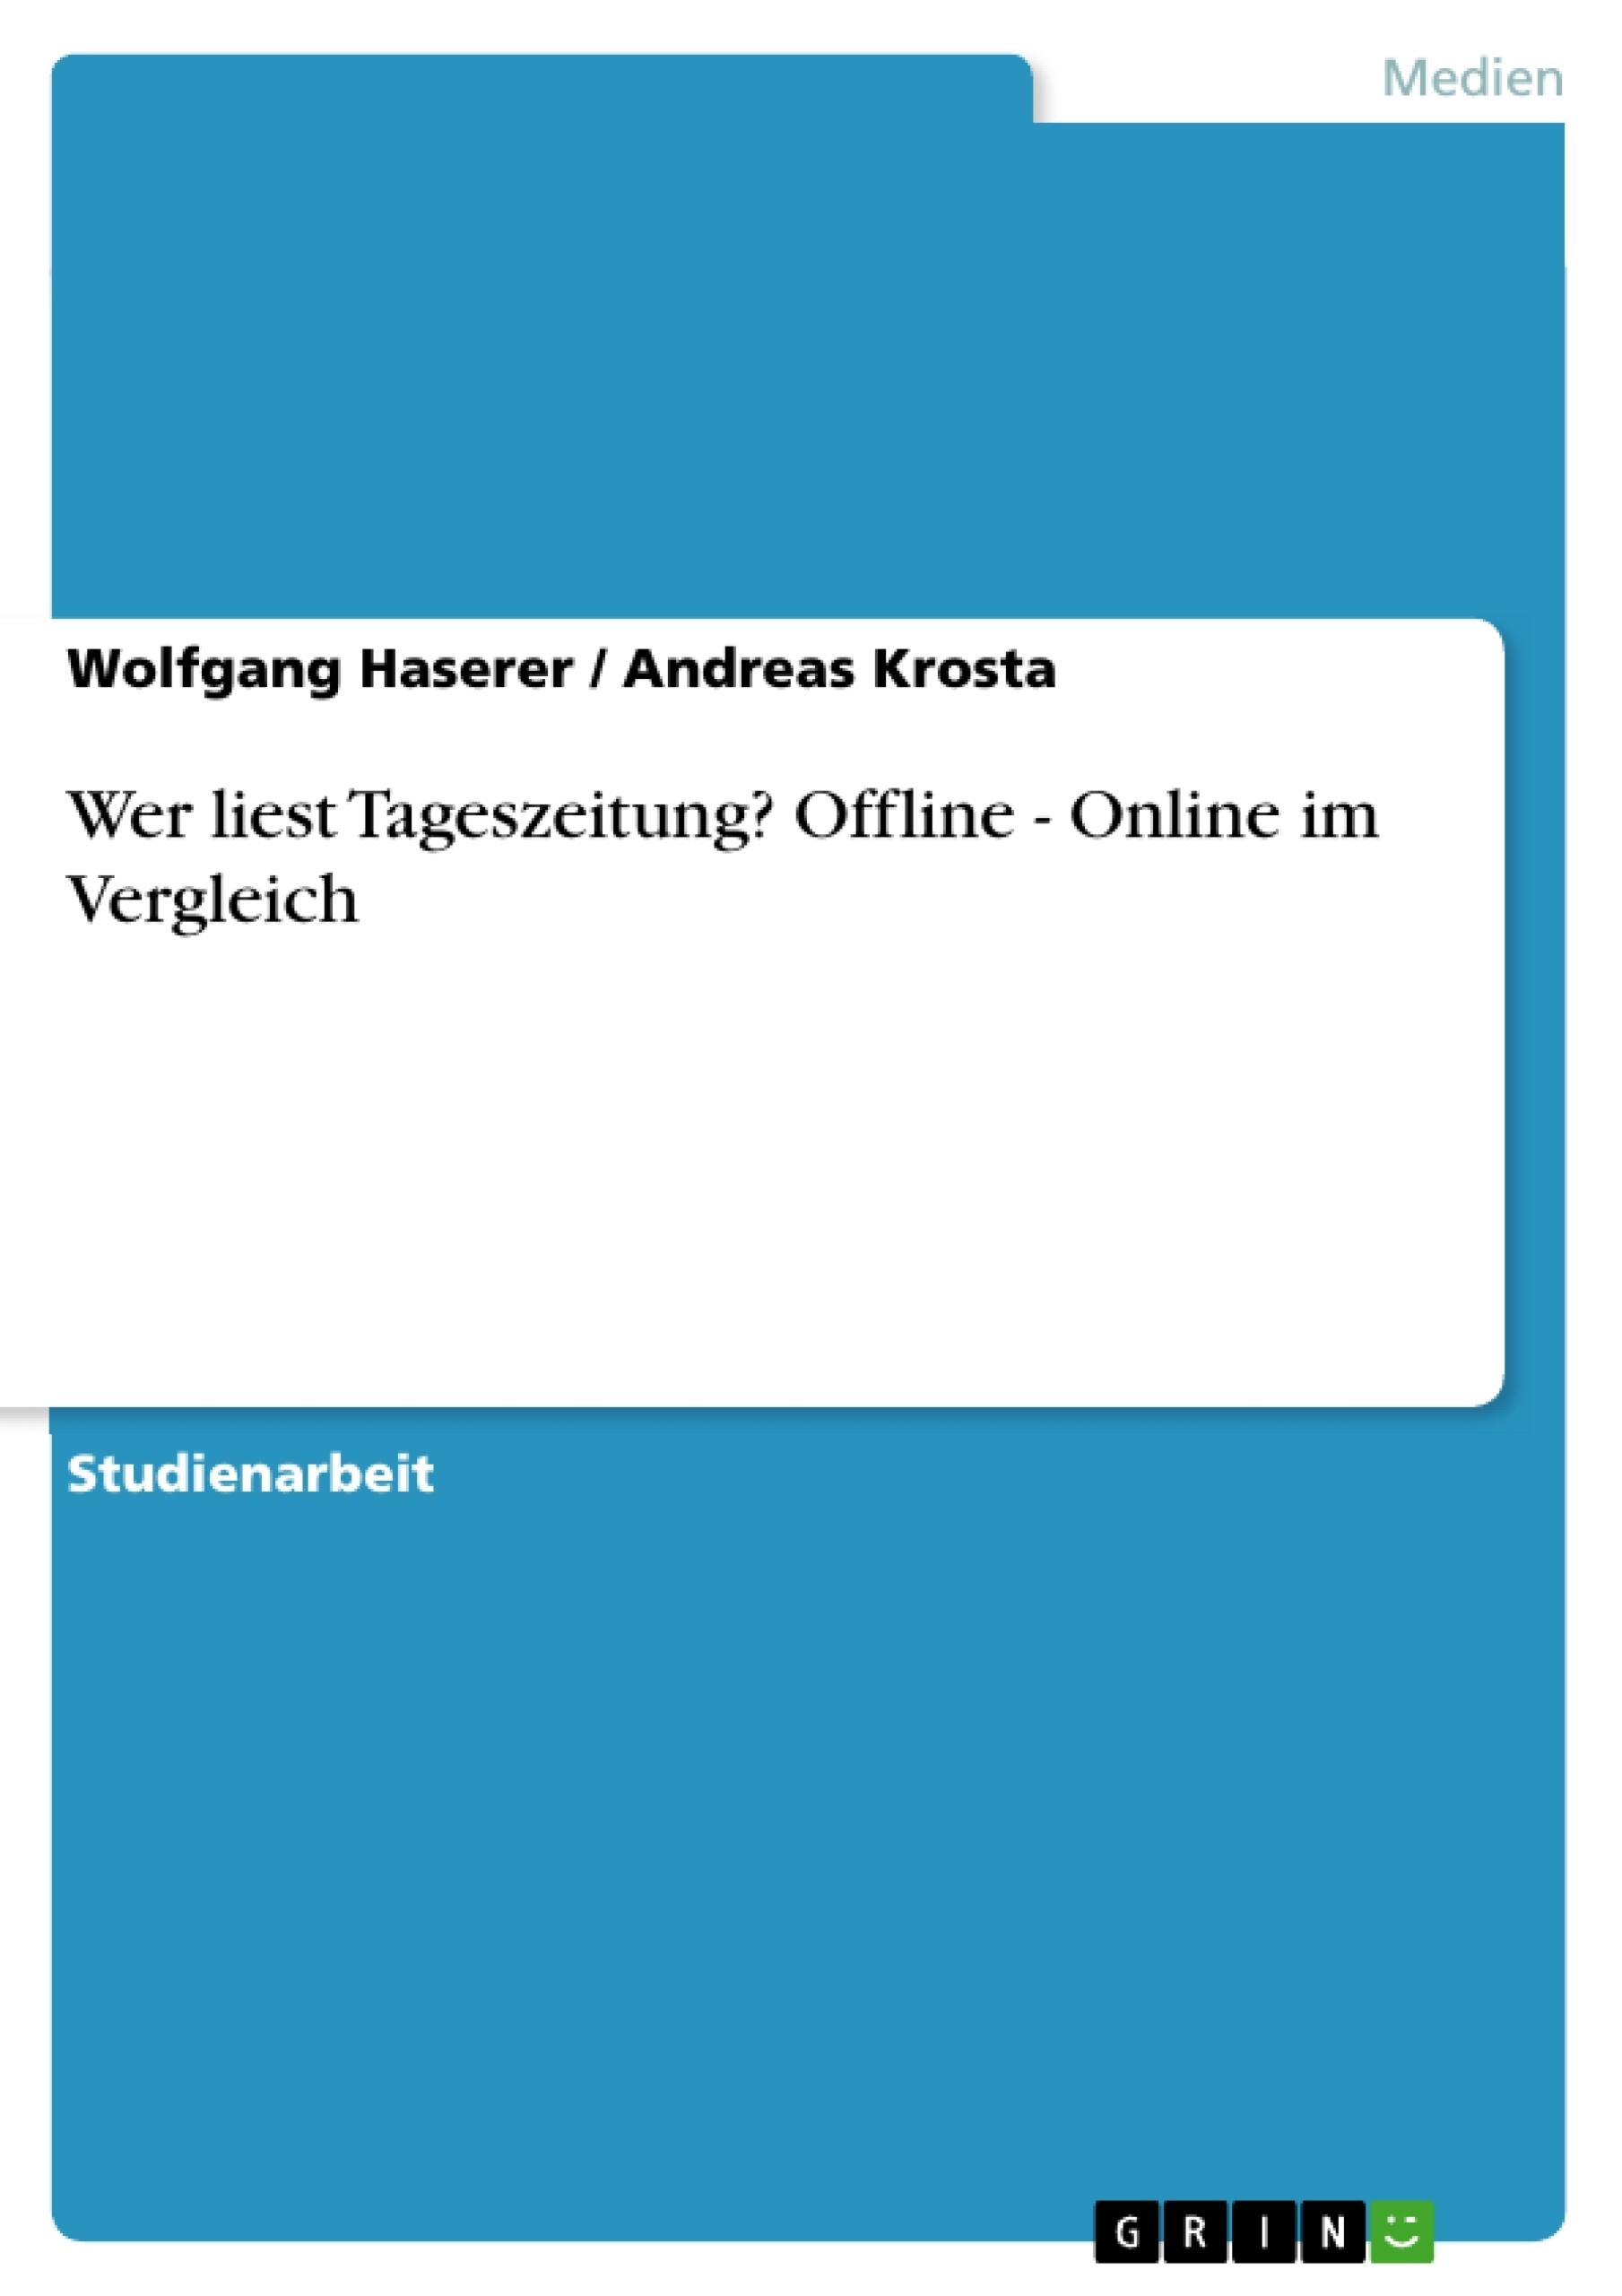 Titel: Wer liest Tageszeitung? Offline - Online im Vergleich